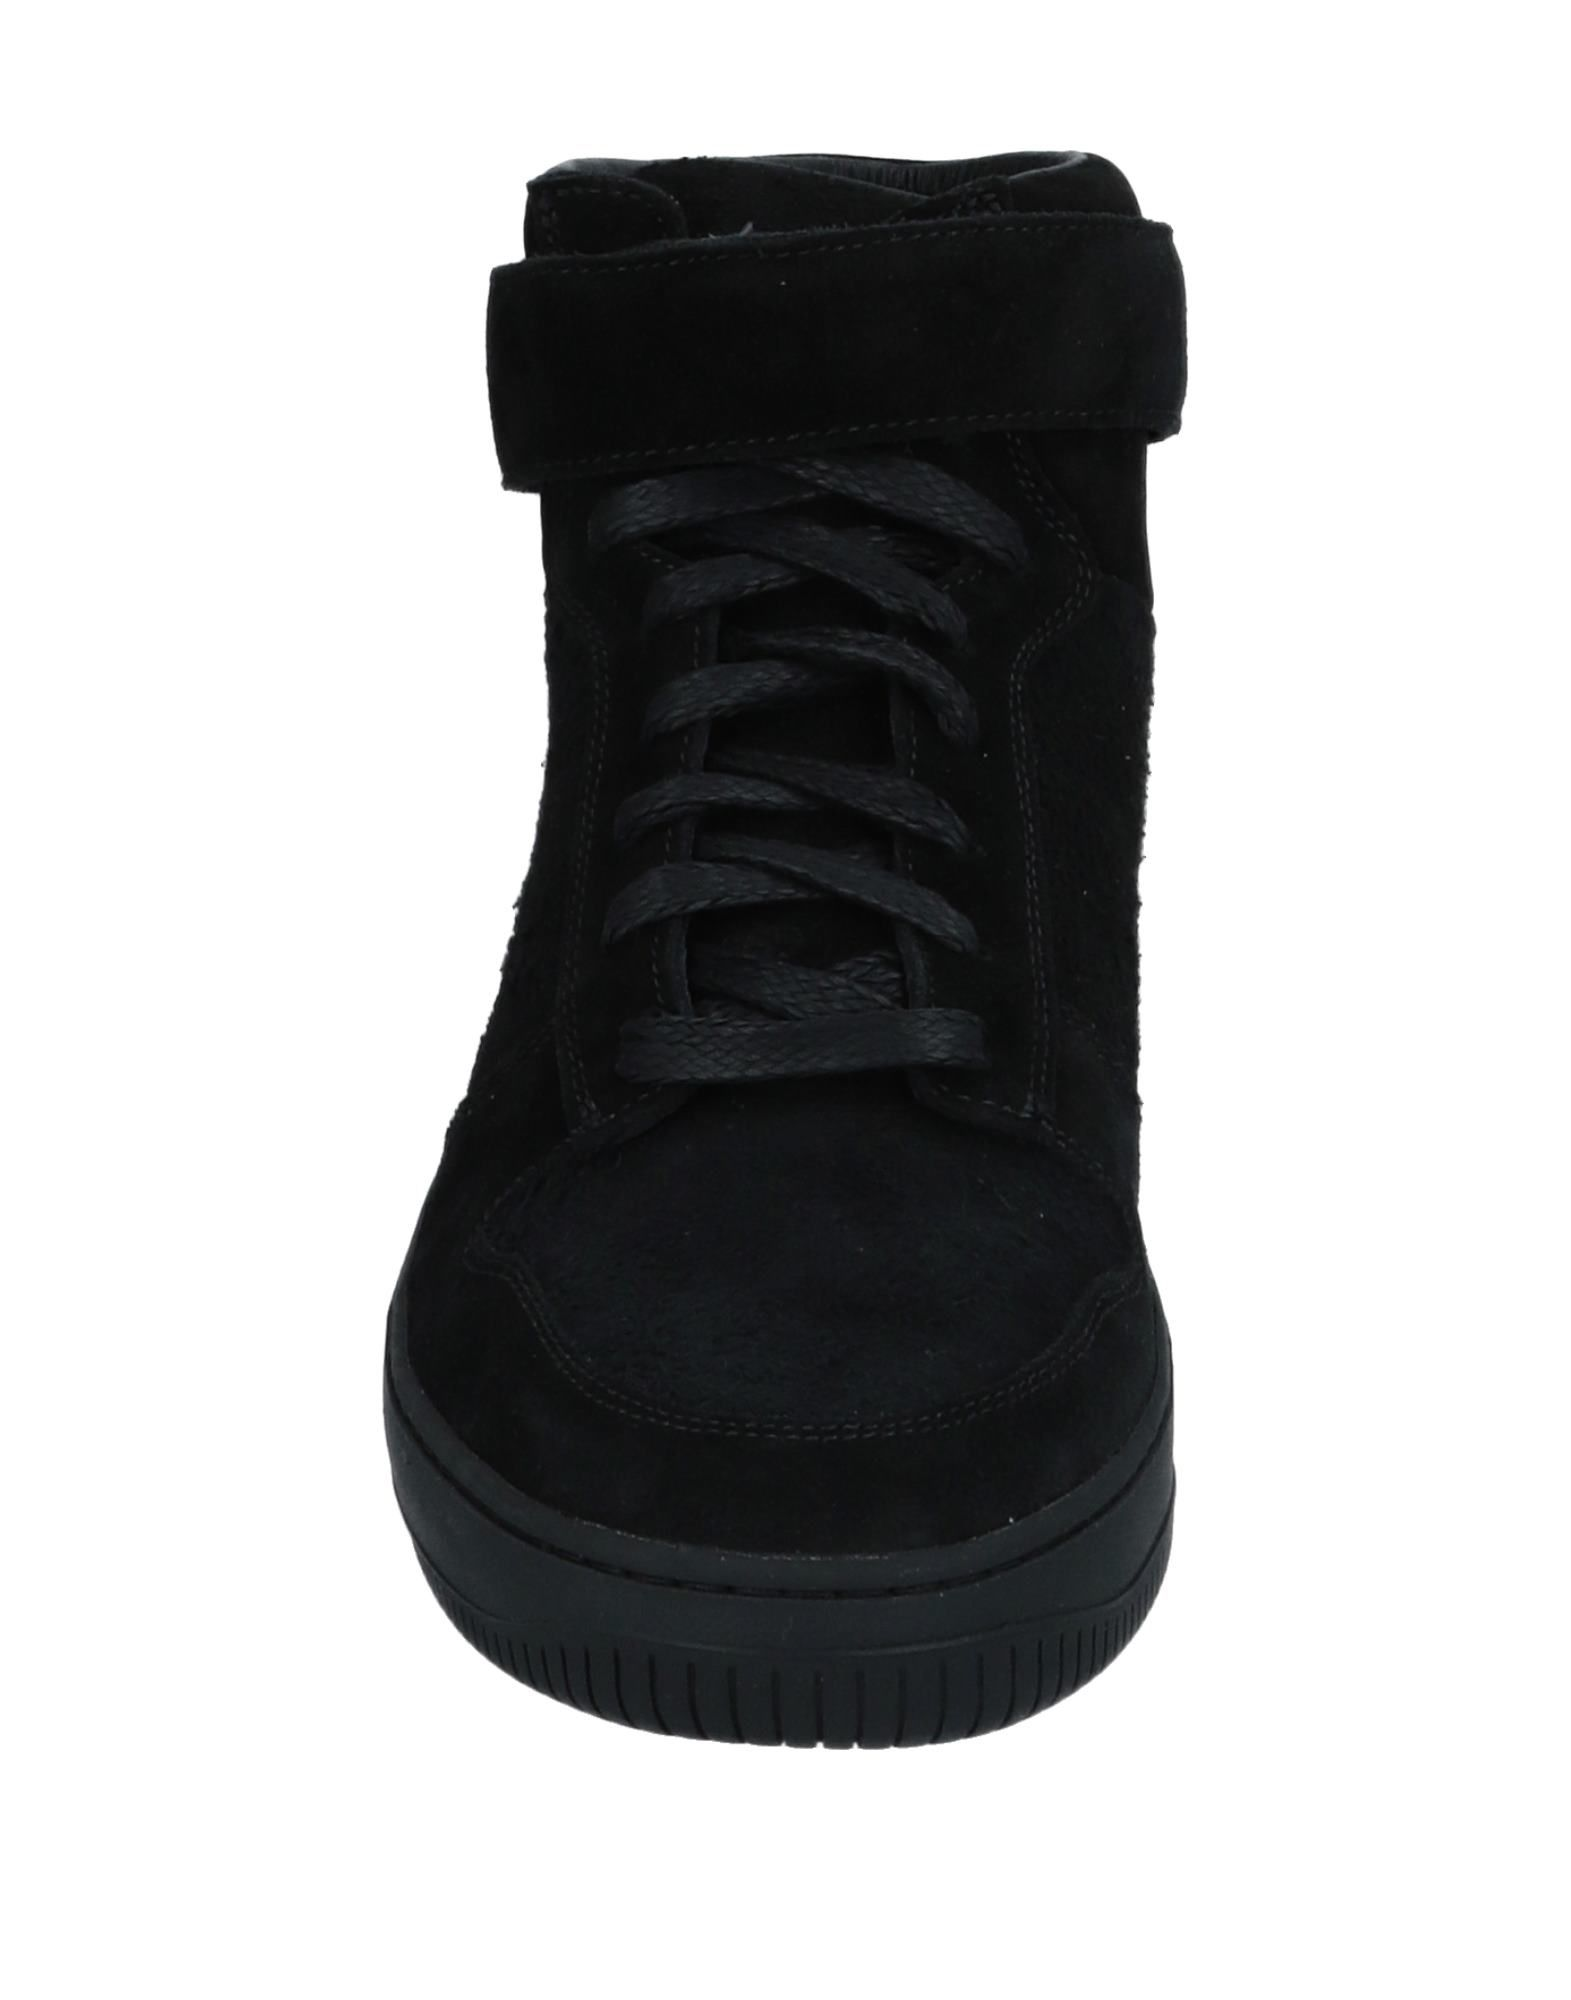 Diemme Sneakers Gute Herren  11500513MR Gute Sneakers Qualität beliebte Schuhe 721951